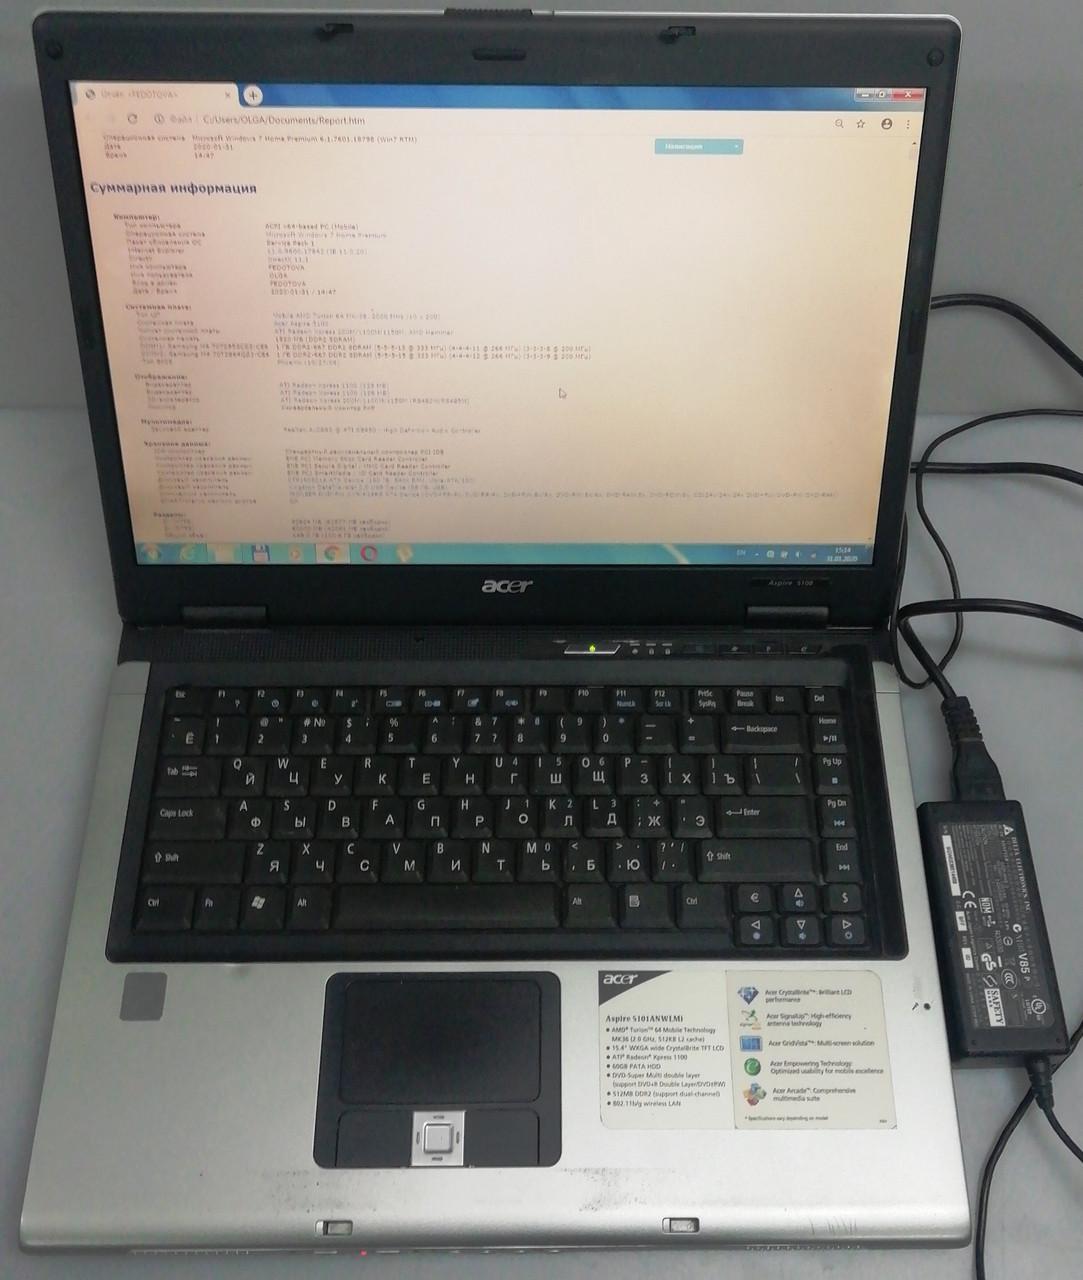 """Игровой ноутбук Acer Aspire 5100 Wi-Fi Bluetooth 15,4"""" экран"""